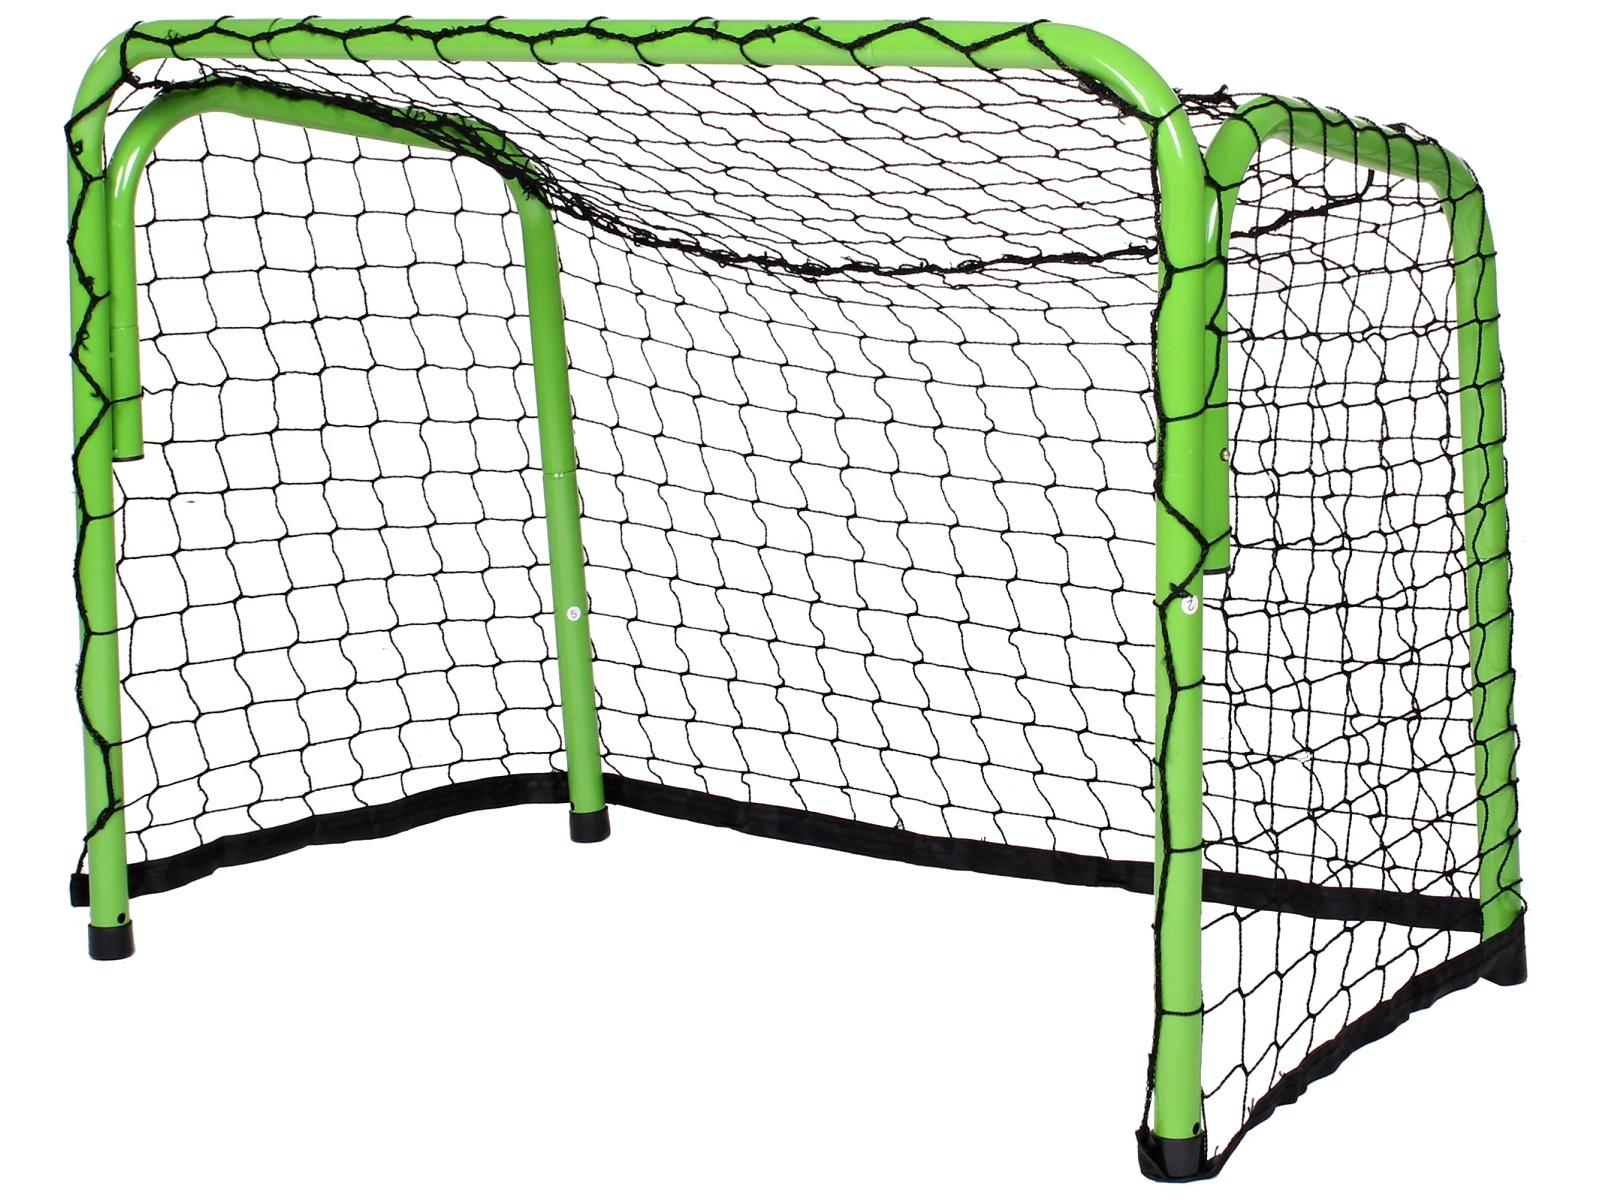 Fotbalová branka MERCO 90 x 60 x 40 cm, skládací, dětská